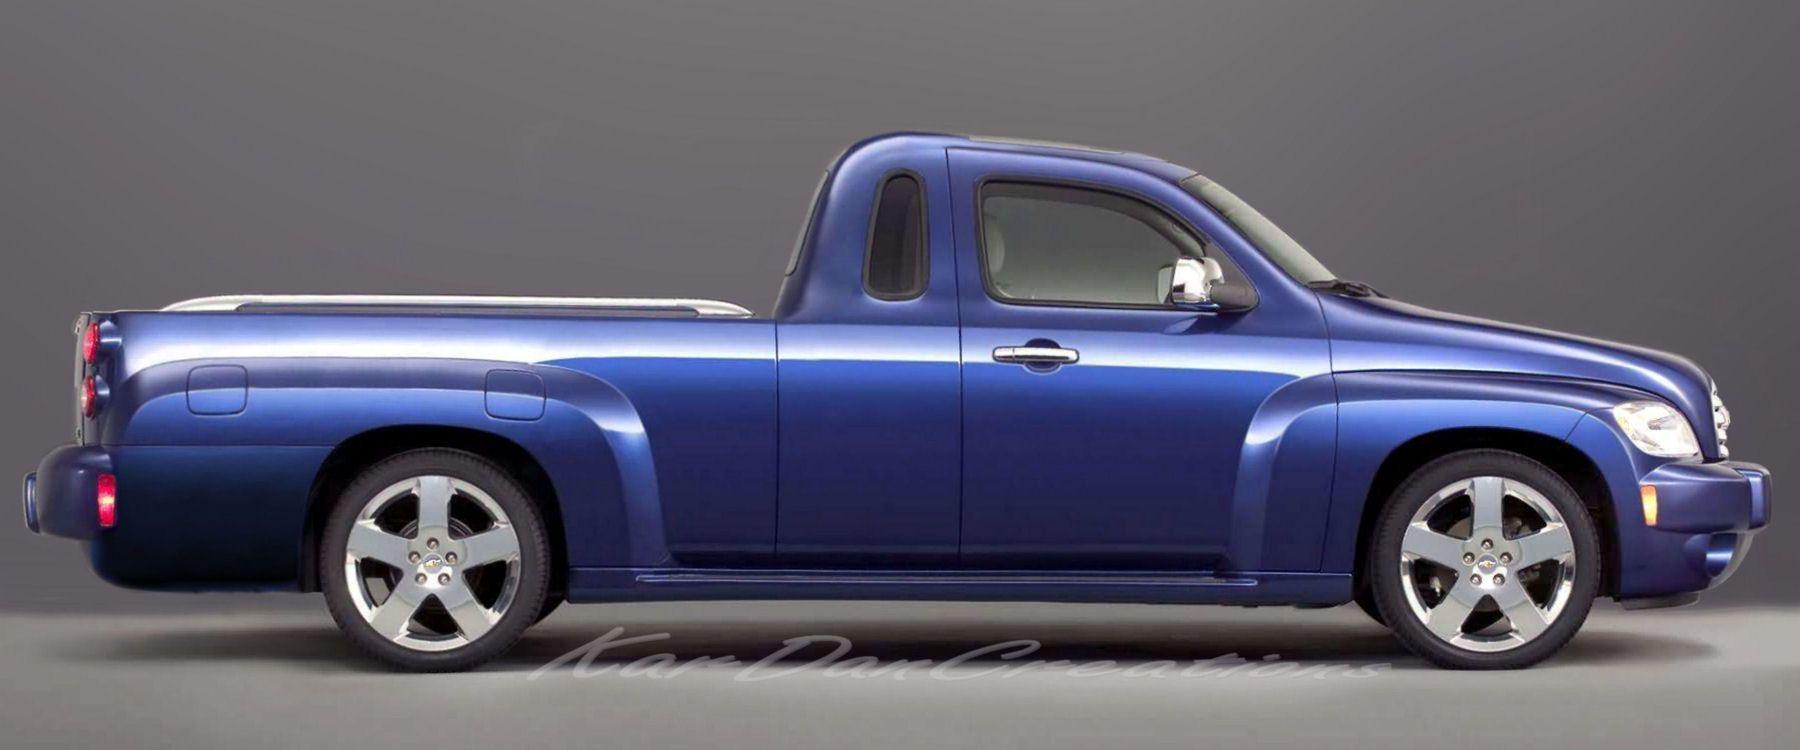 2006 Chevrolet Hhr Pickup Concept Cool Trucks Trucks Flower Car